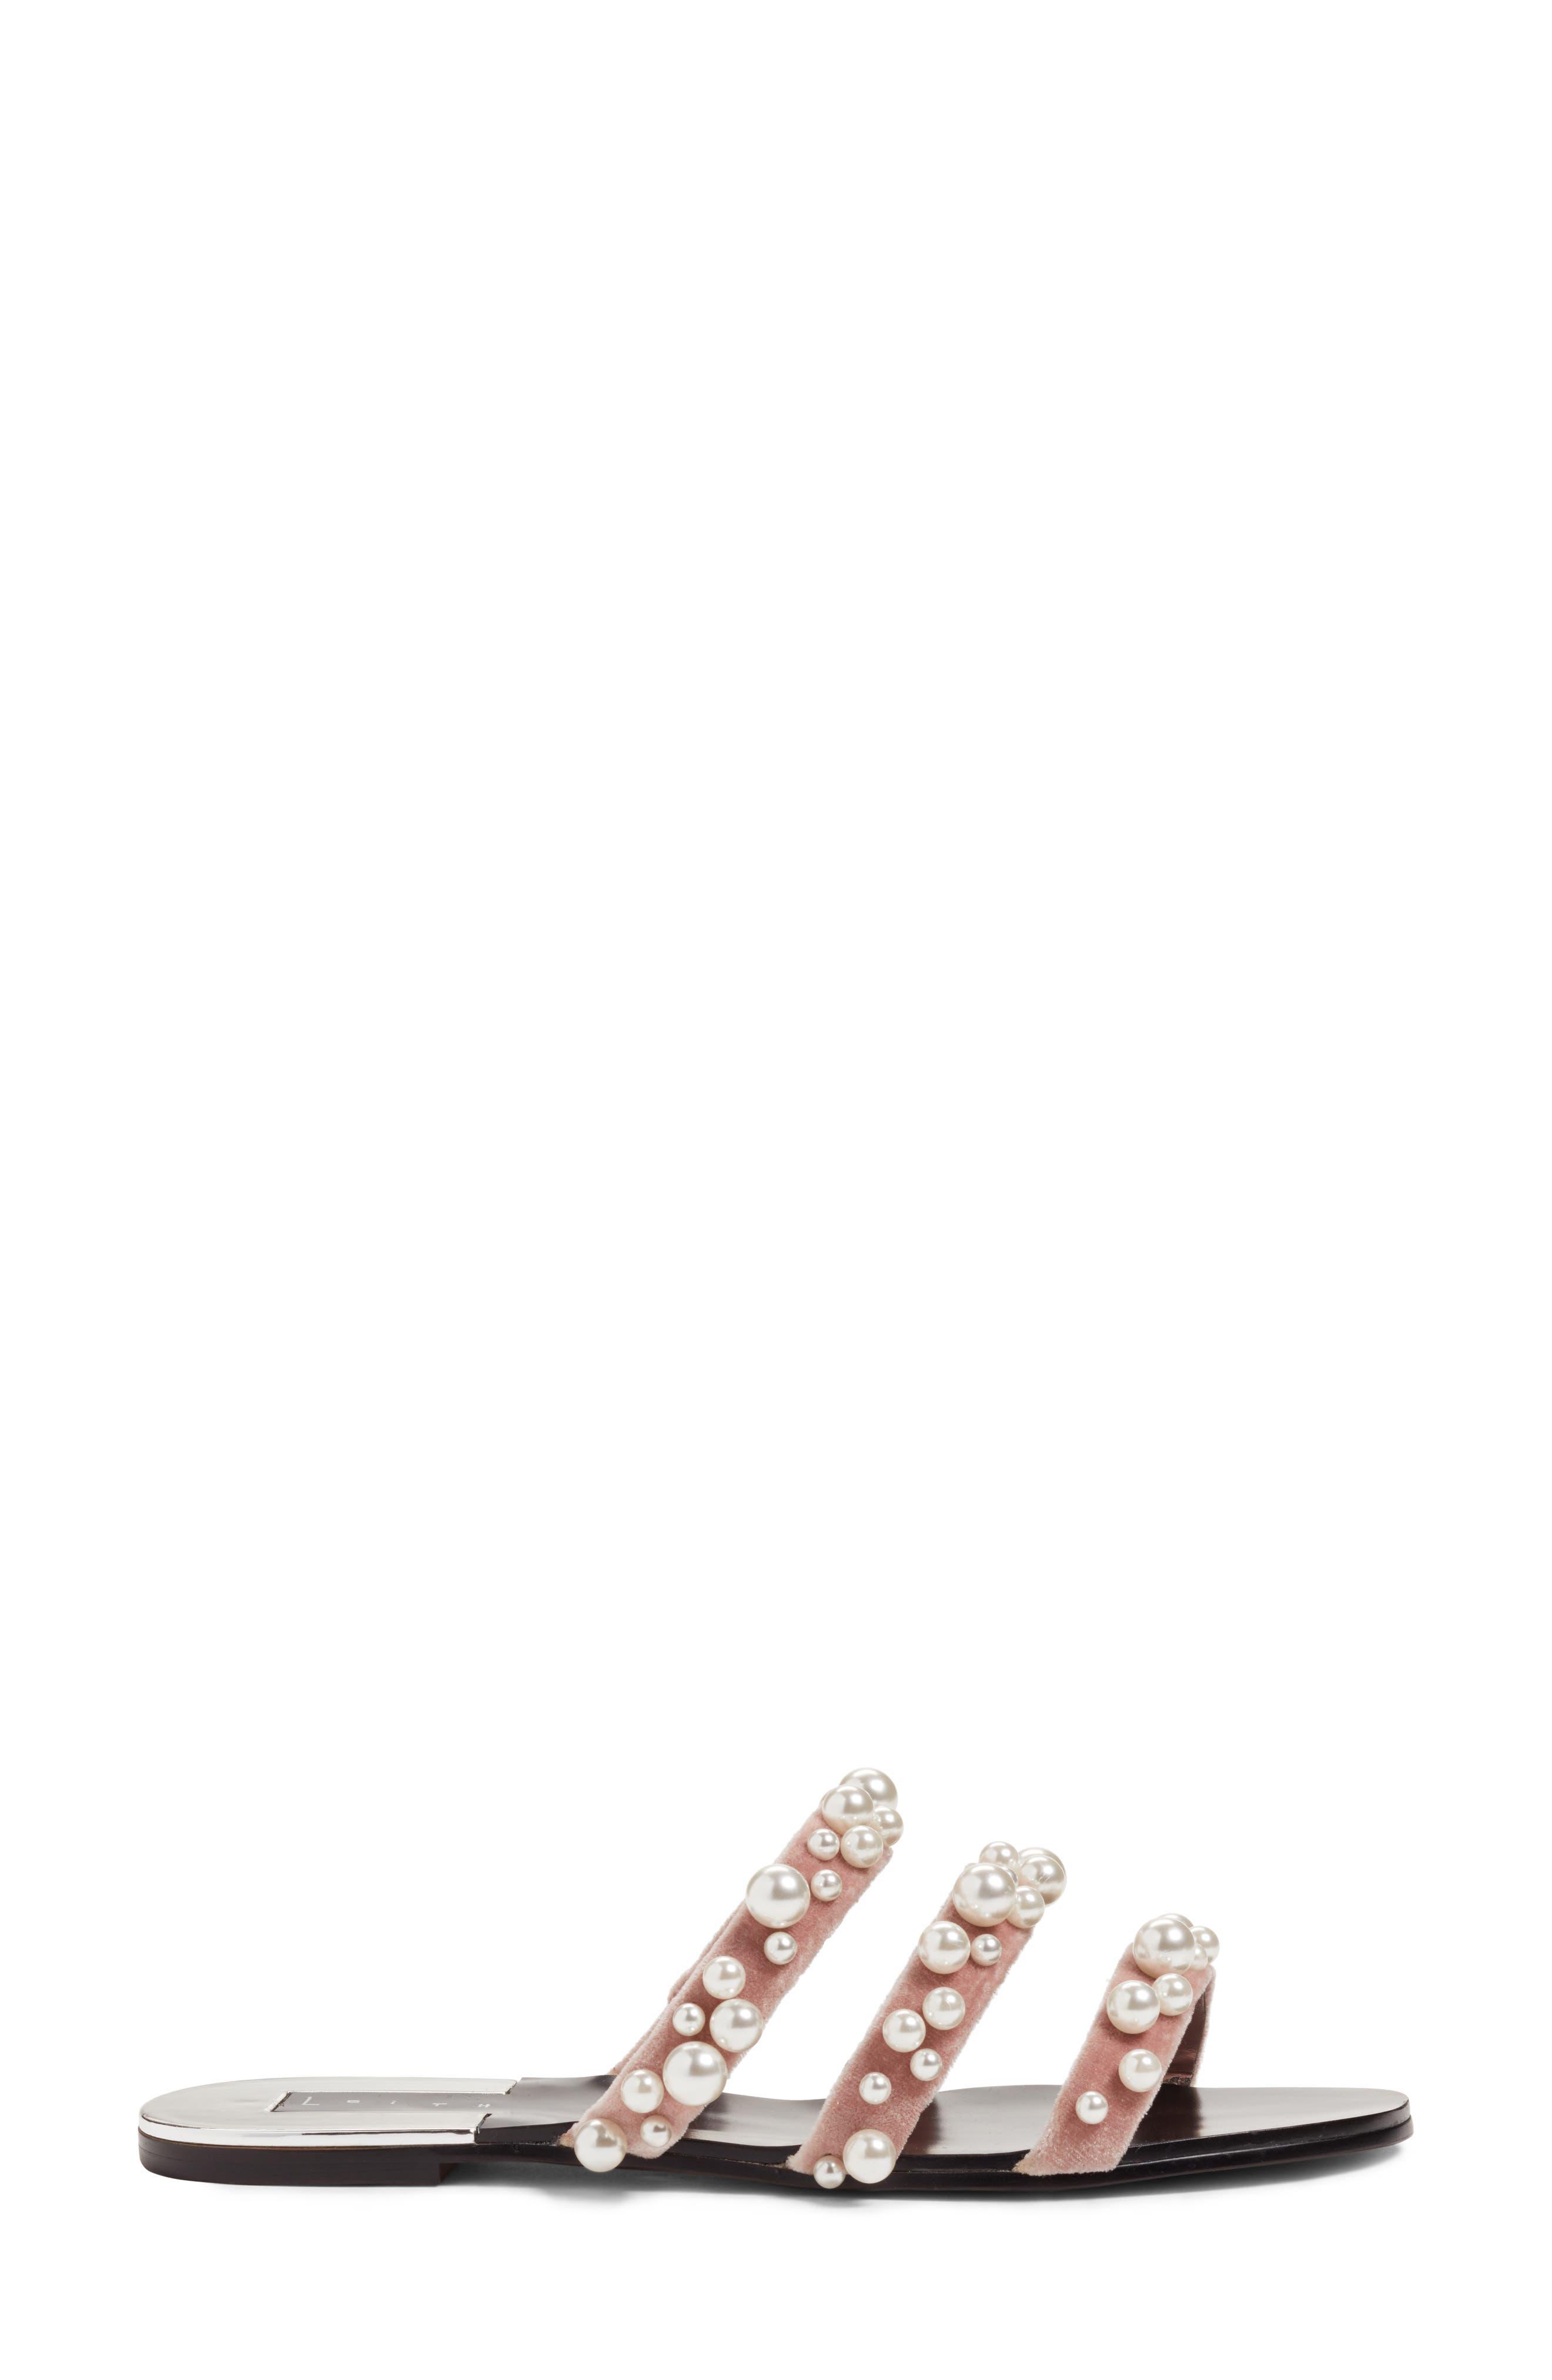 LEITH, Stunner Embellished Strappy Slide Sandal, Alternate thumbnail 3, color, BLUSH VELVET